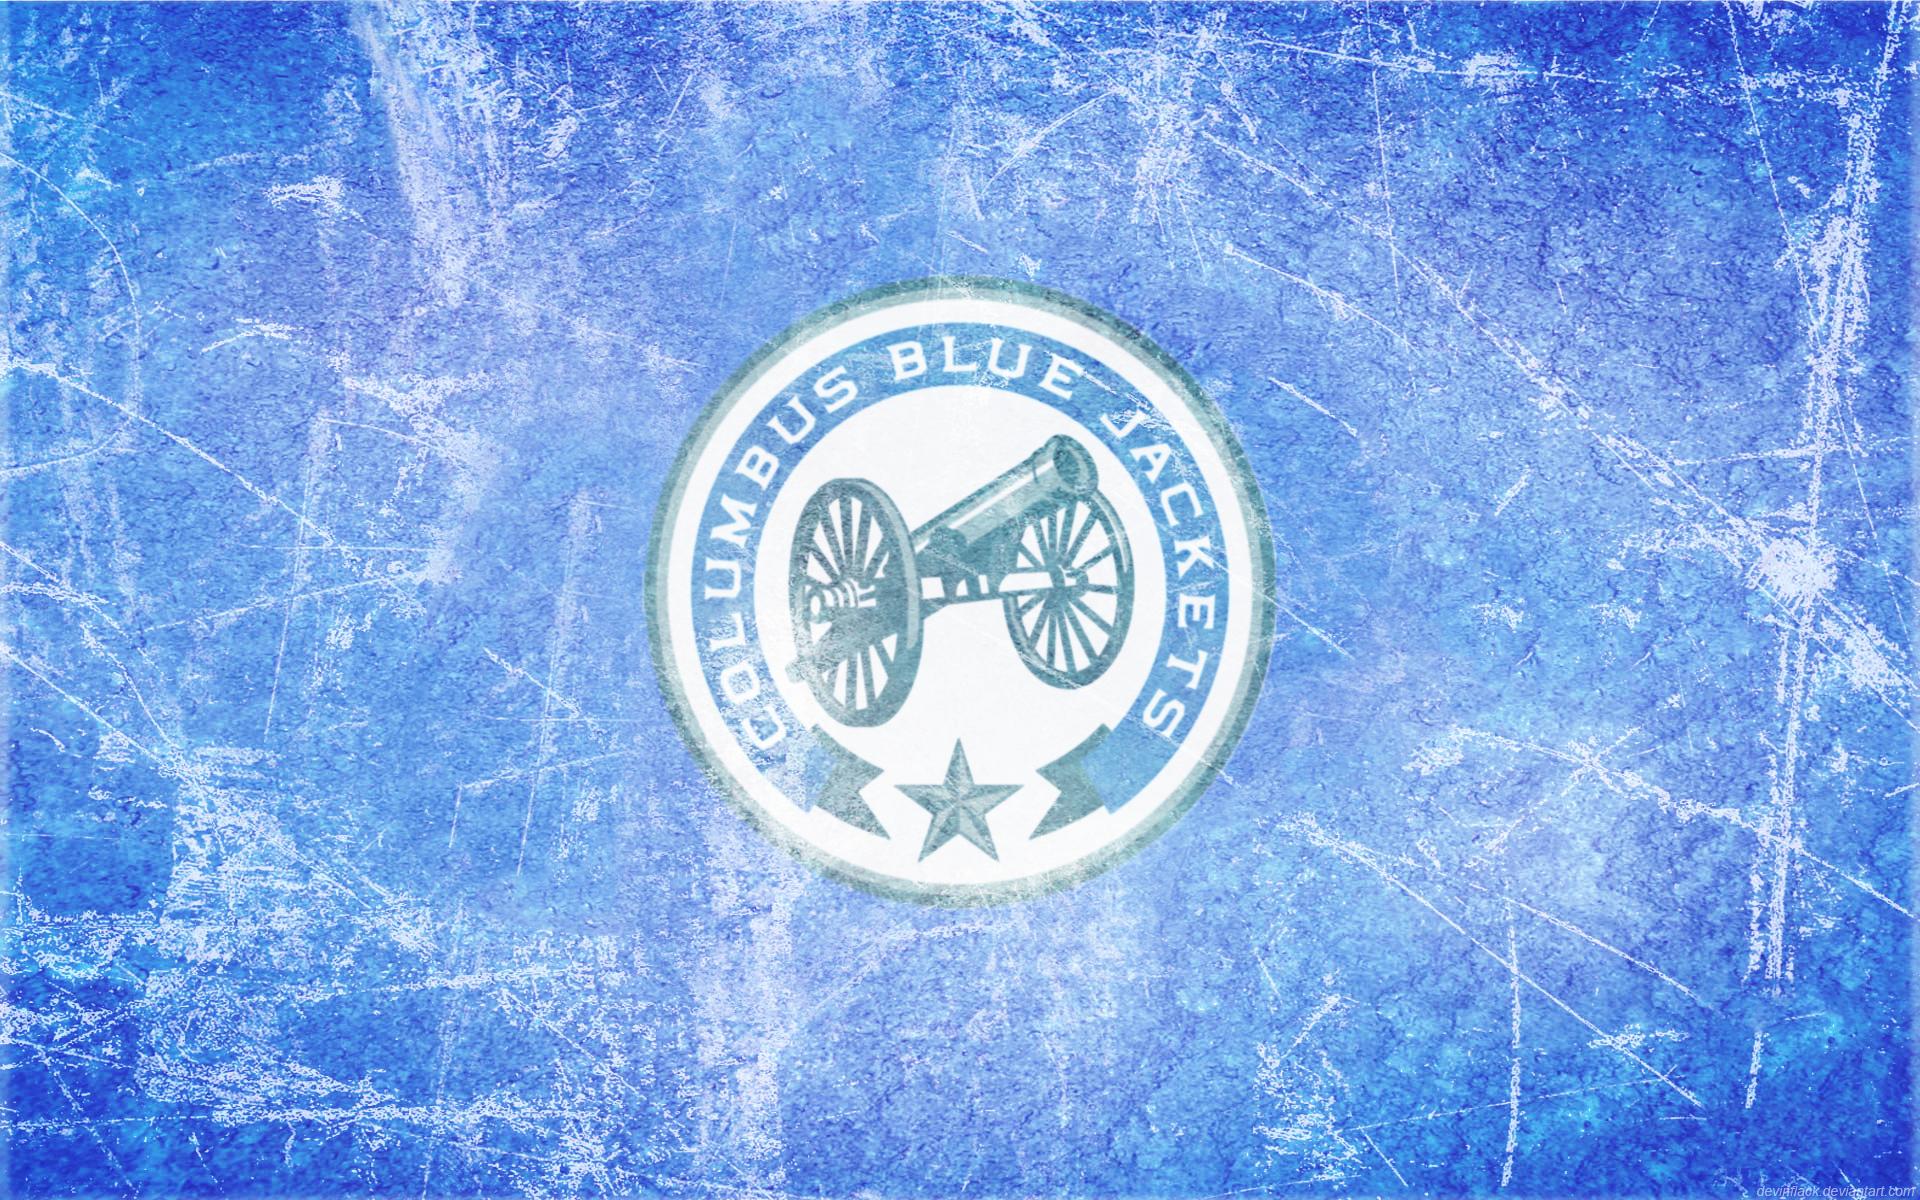 Blue Jackets Alt Ice Wallpaper By DevinFlack On DeviantArt